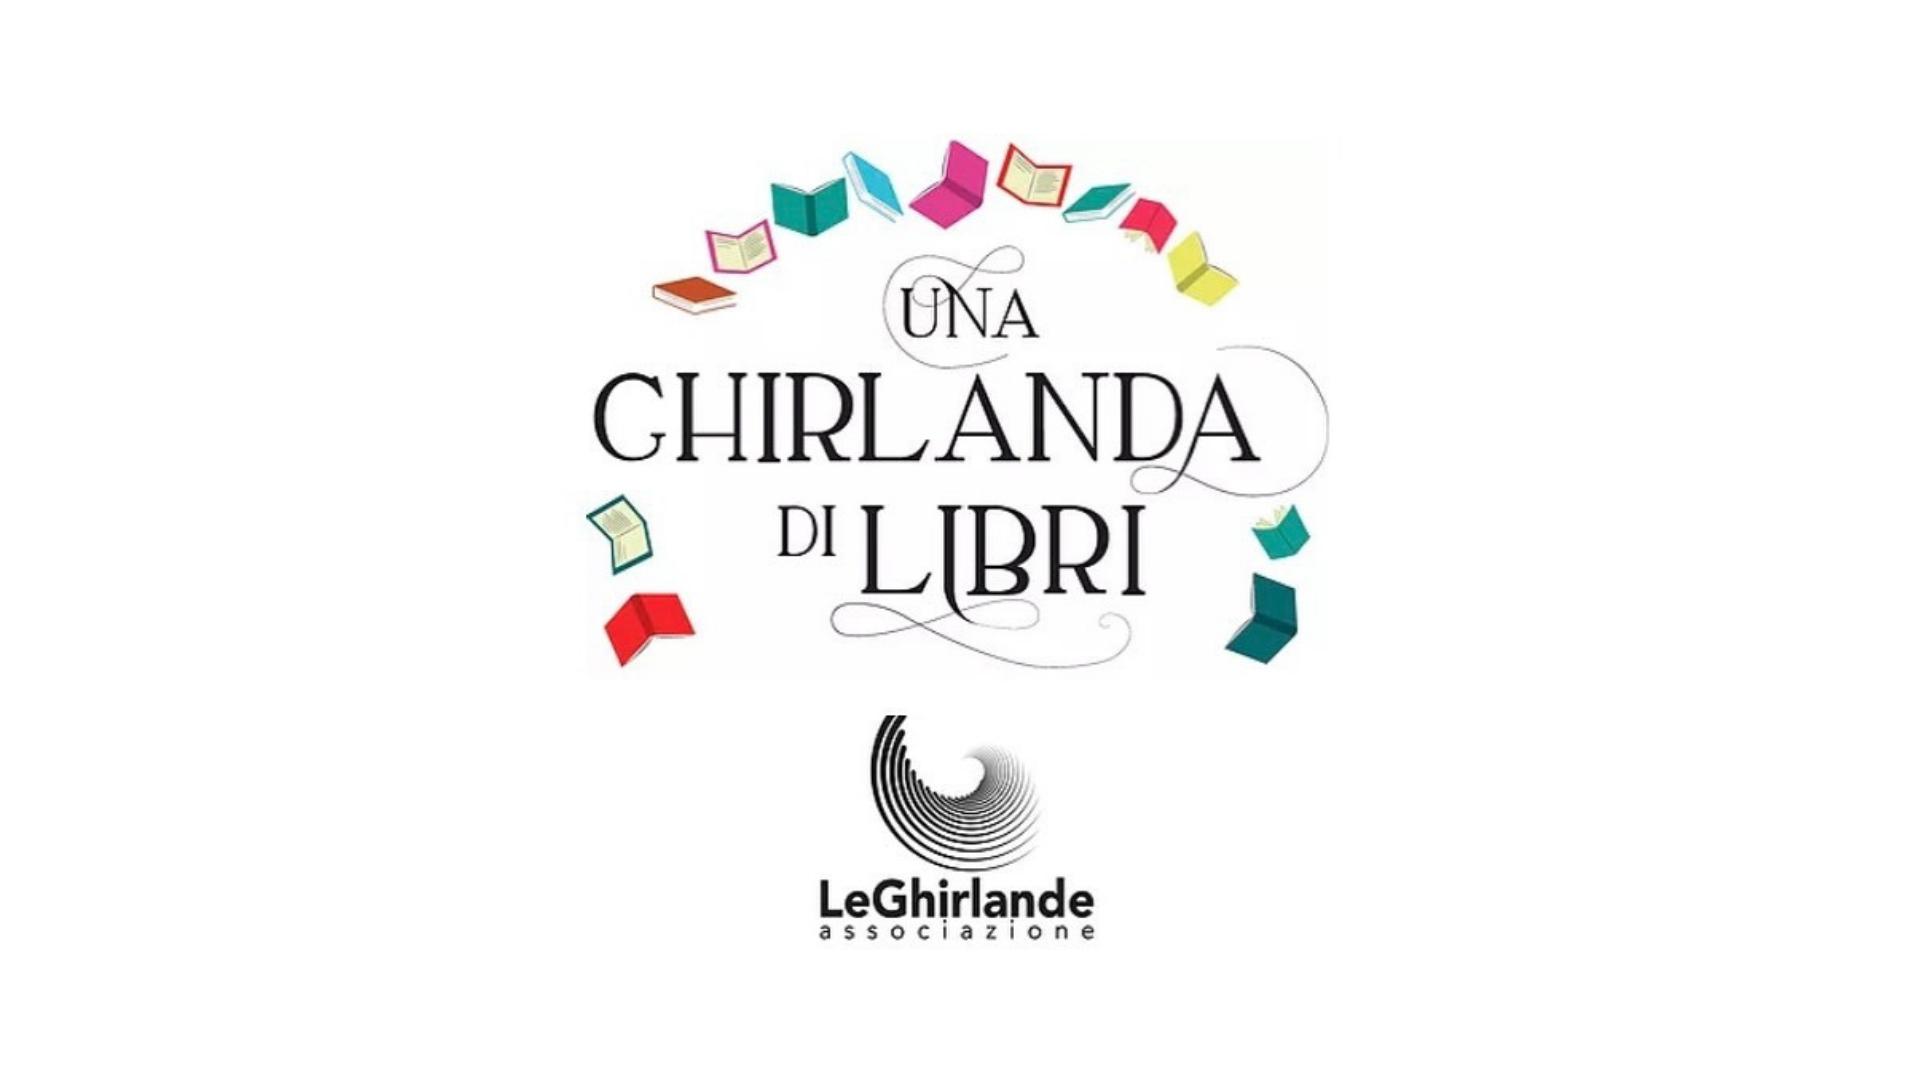 Una Ghirlanda di Libri, la seconda edizione